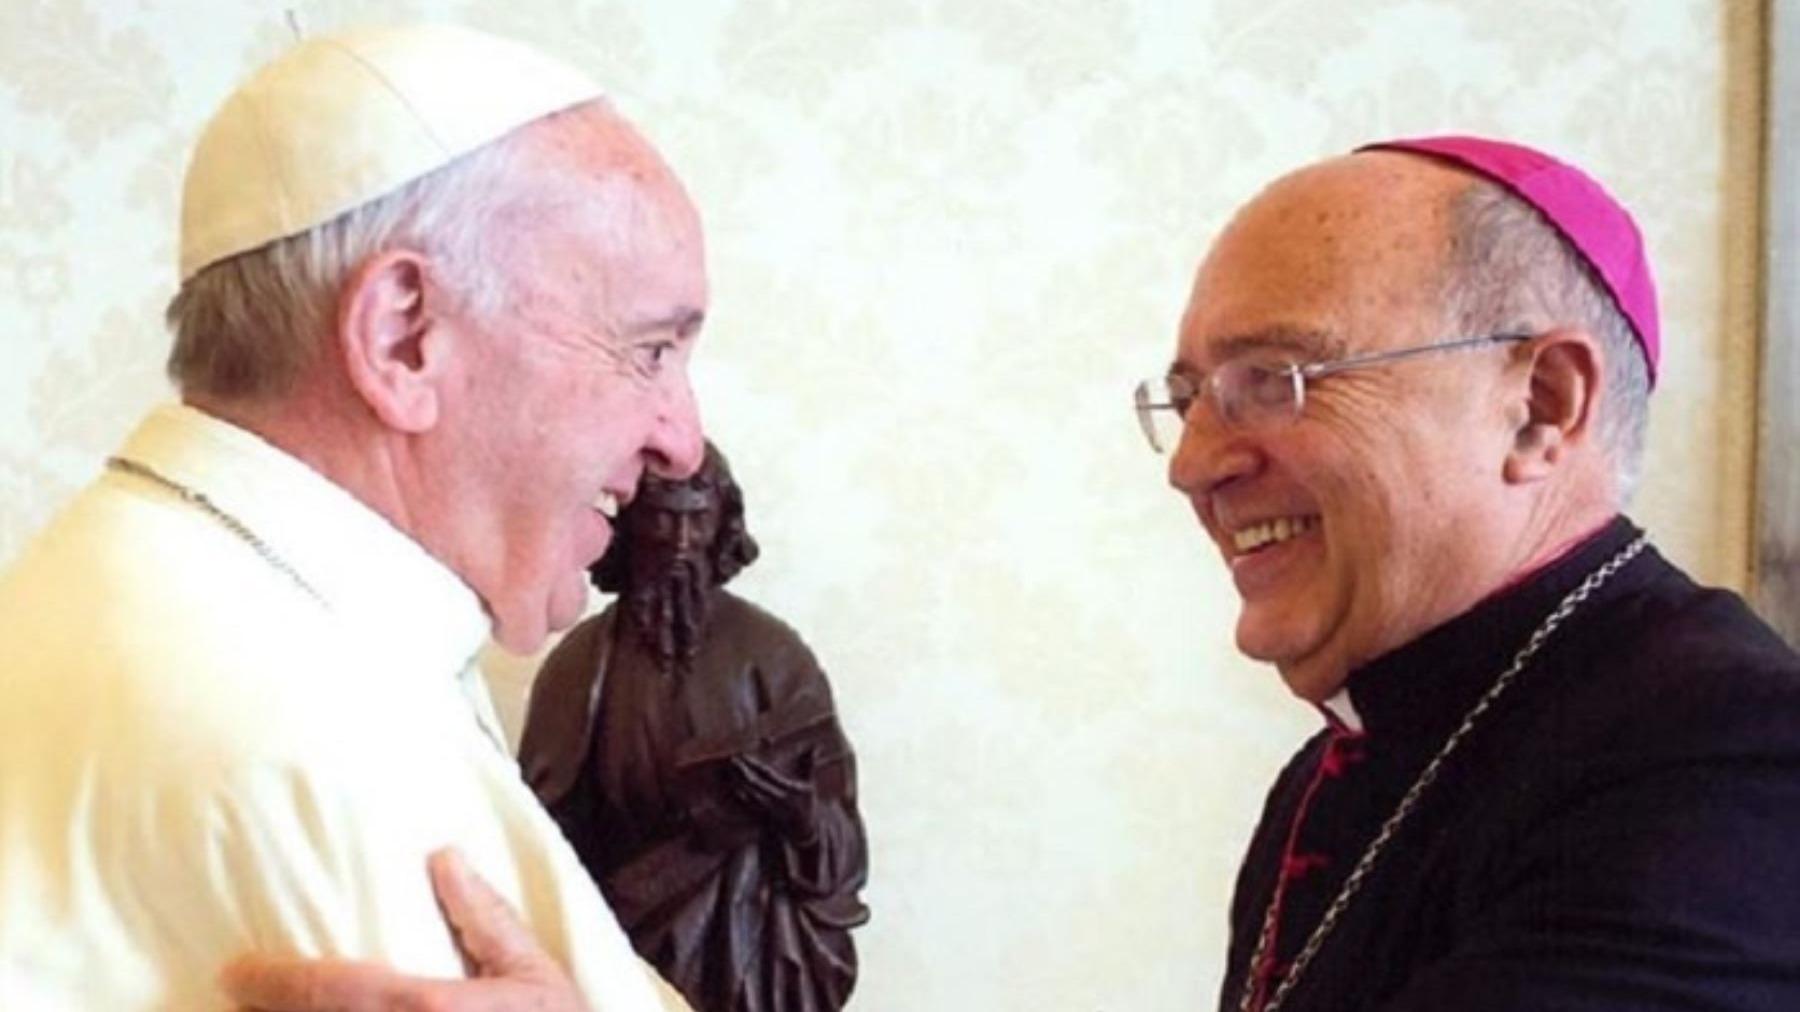 El monseñor explicó las funciones que ahora el arzobispo de Huancayo, Pedro Barreto, tendrá que realizar una vez que asuma el cargo como cardenal.